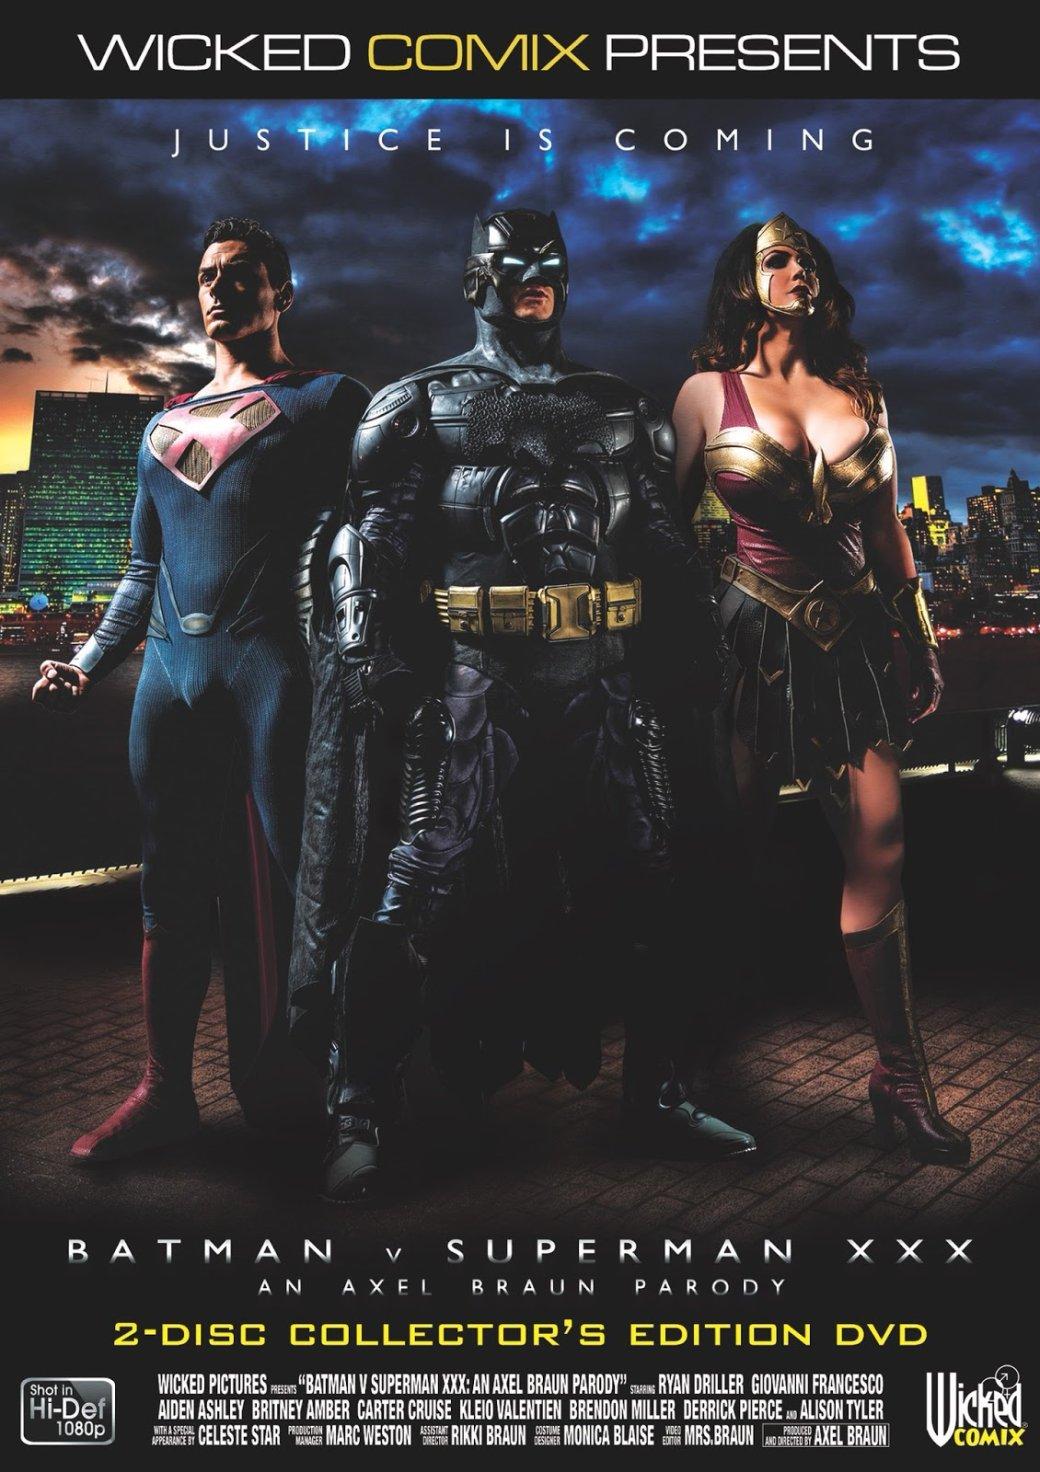 Топ-50 порнопародий. Часть3. «Железный человек», «Бэтмен», «Скуби-Ду» идругие